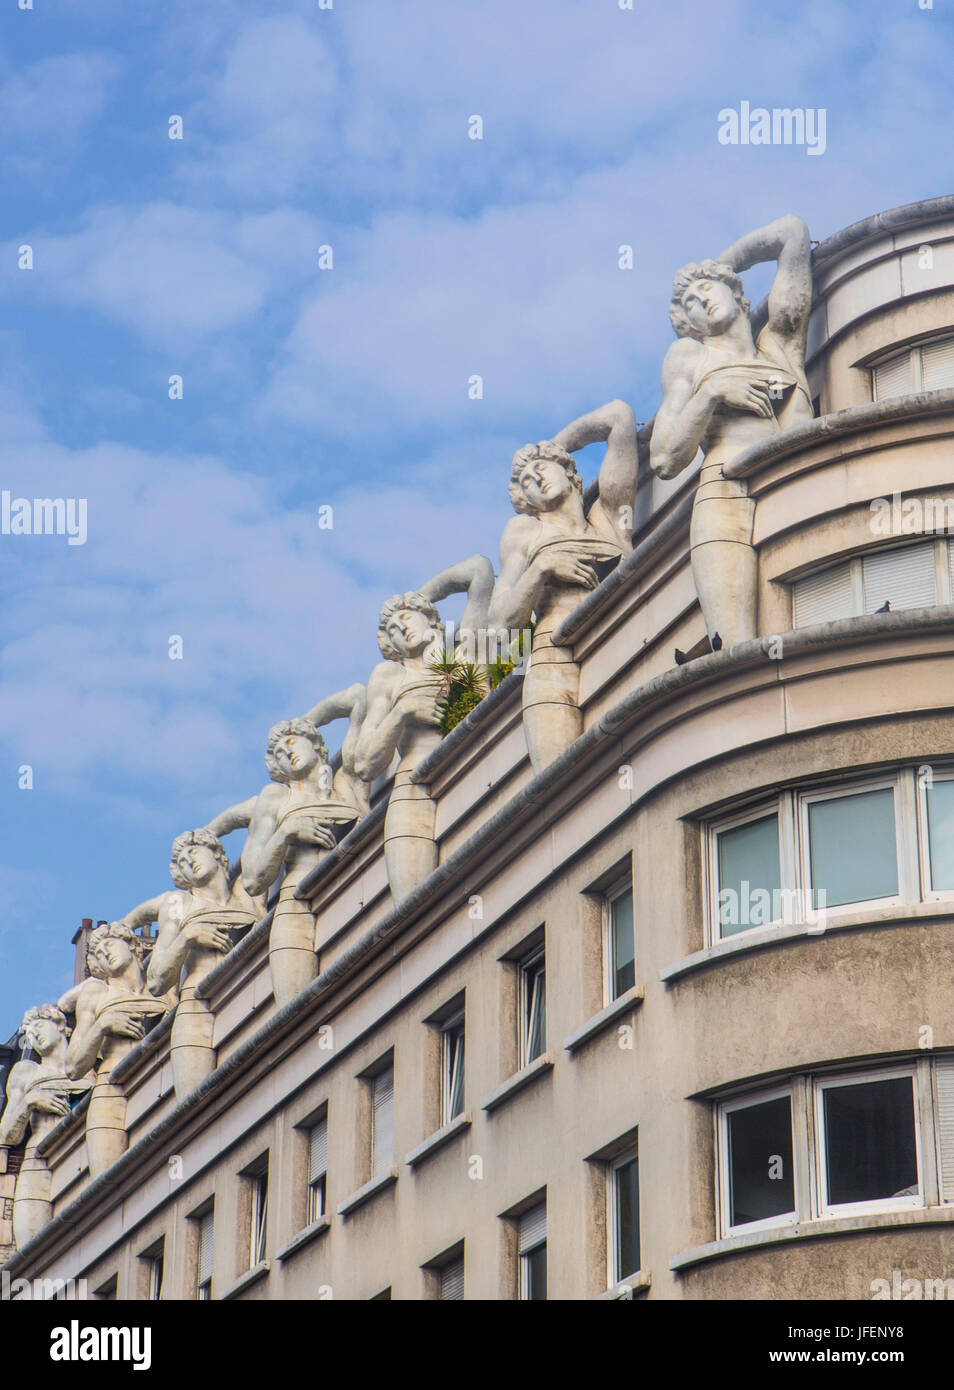 France, Paris City, modernism architecture - Stock Image